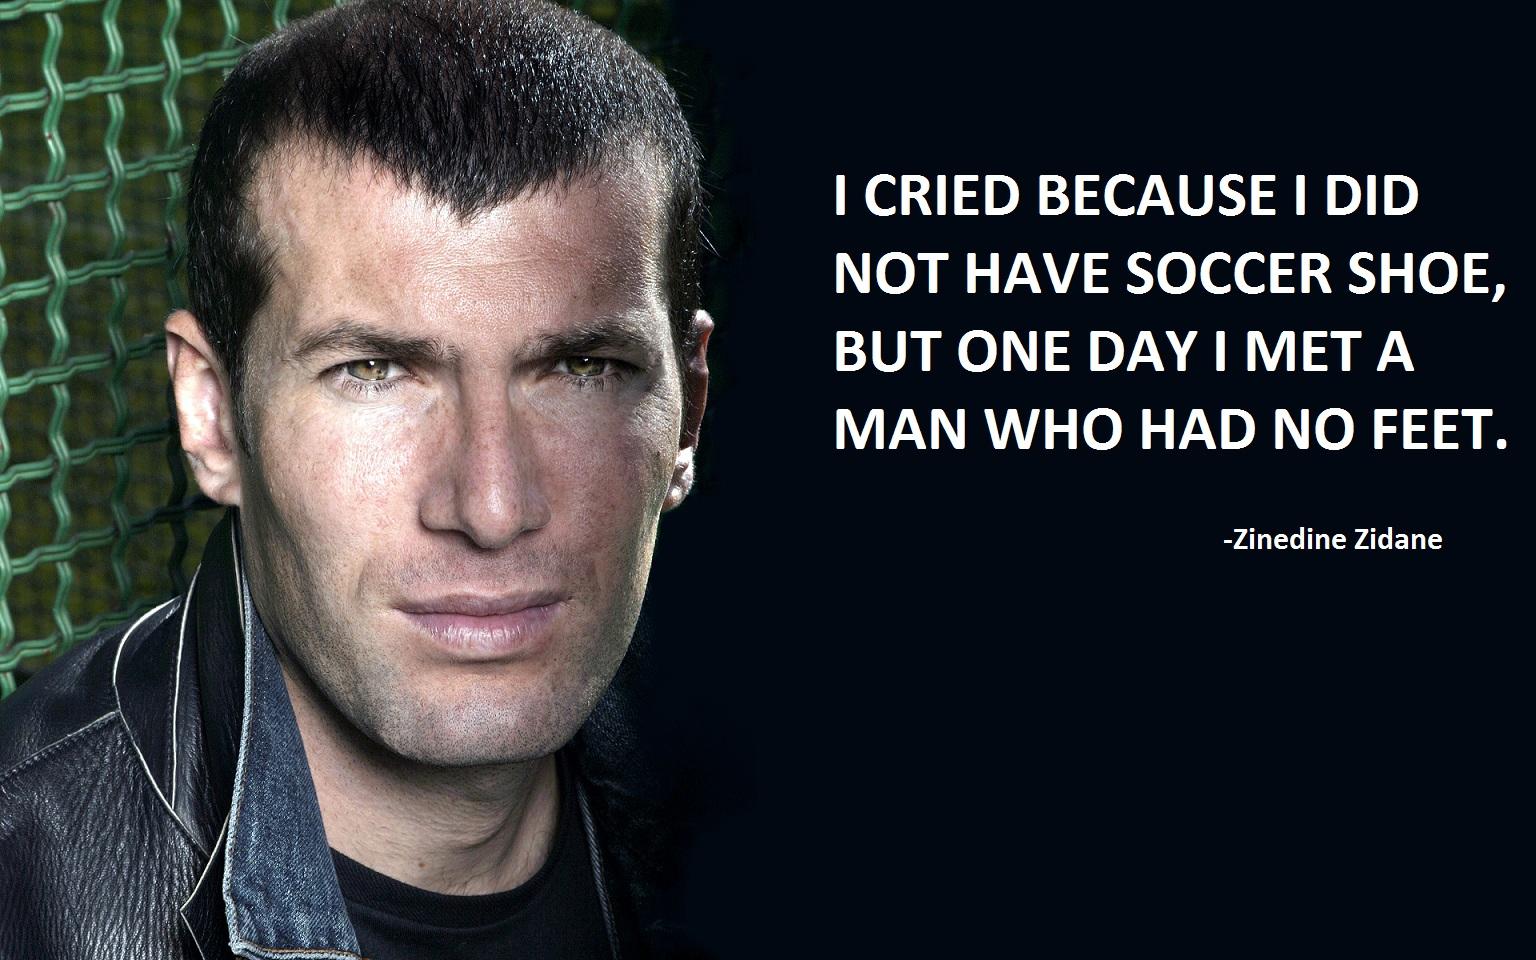 Zinedine Zidane's quote #4